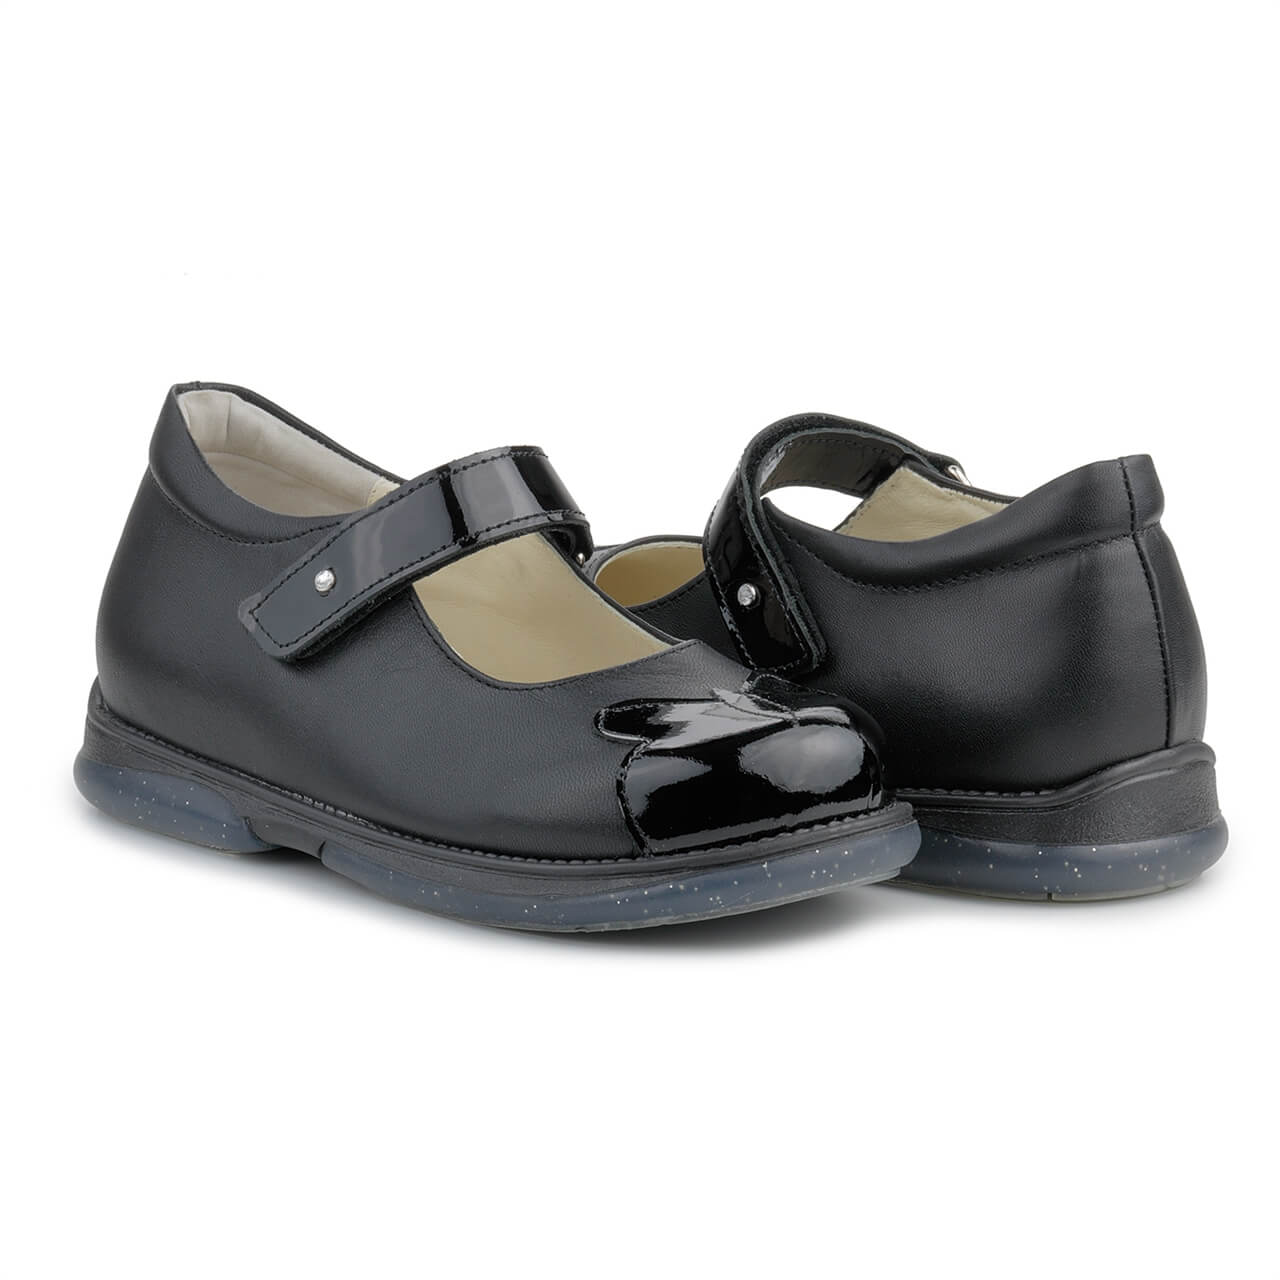 Memo Cinderella 3DA Чорні з лакованими носиками. Ортопедичні туфлі для  дівчат (р.30 4996ed732a4f7